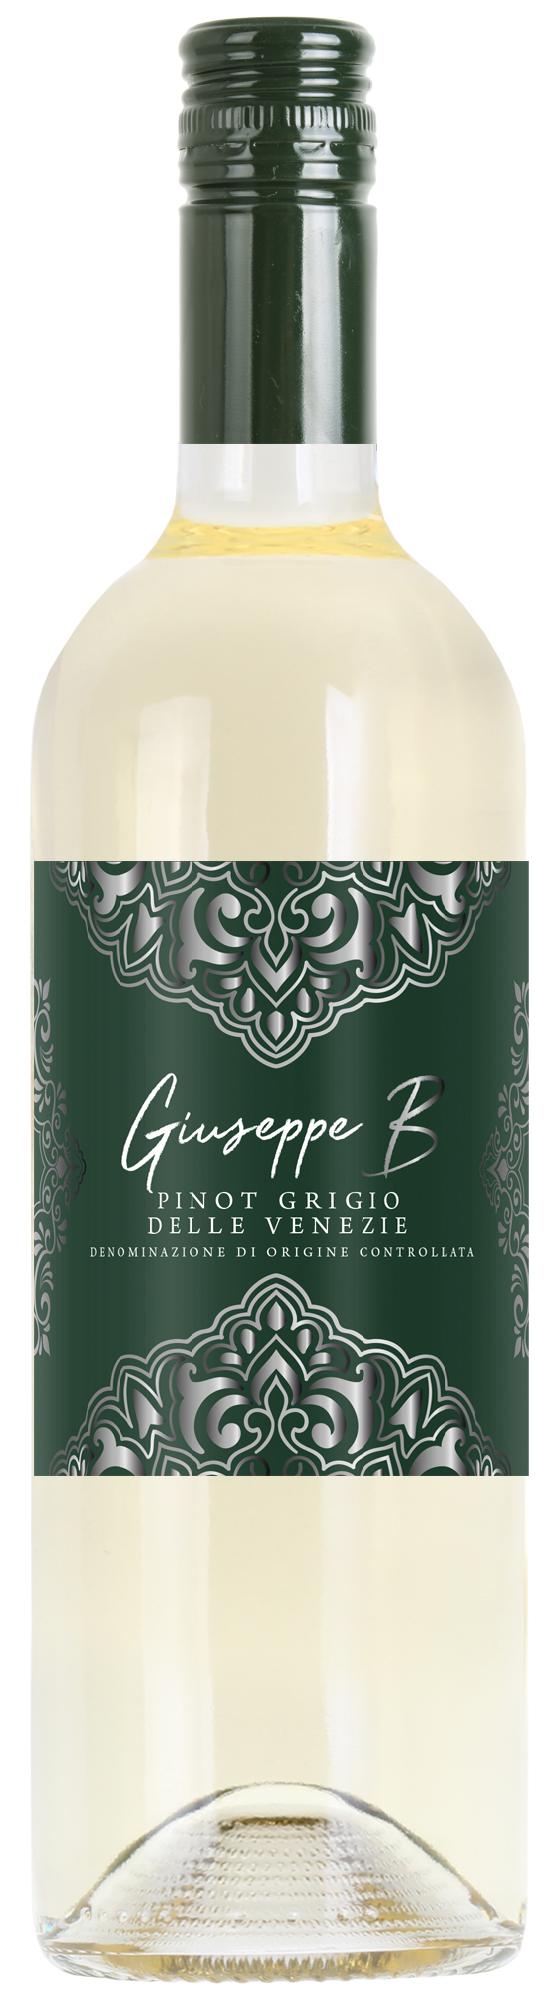 GIUSEPPE B PINOT GRIGIO_000